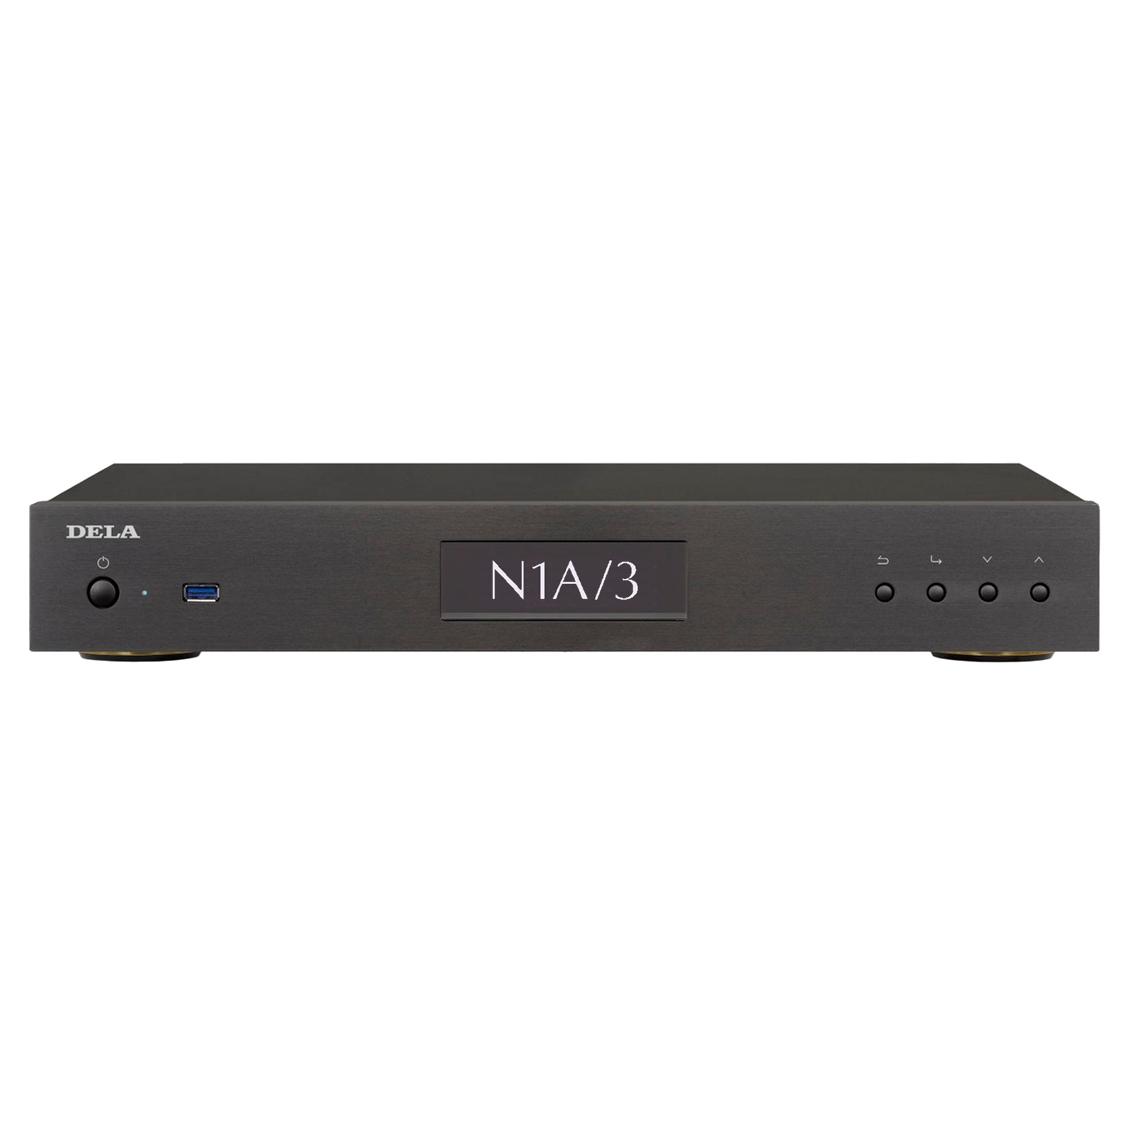 DELA N1A/3-S20B ブラック デラ ミュージックライブラリー